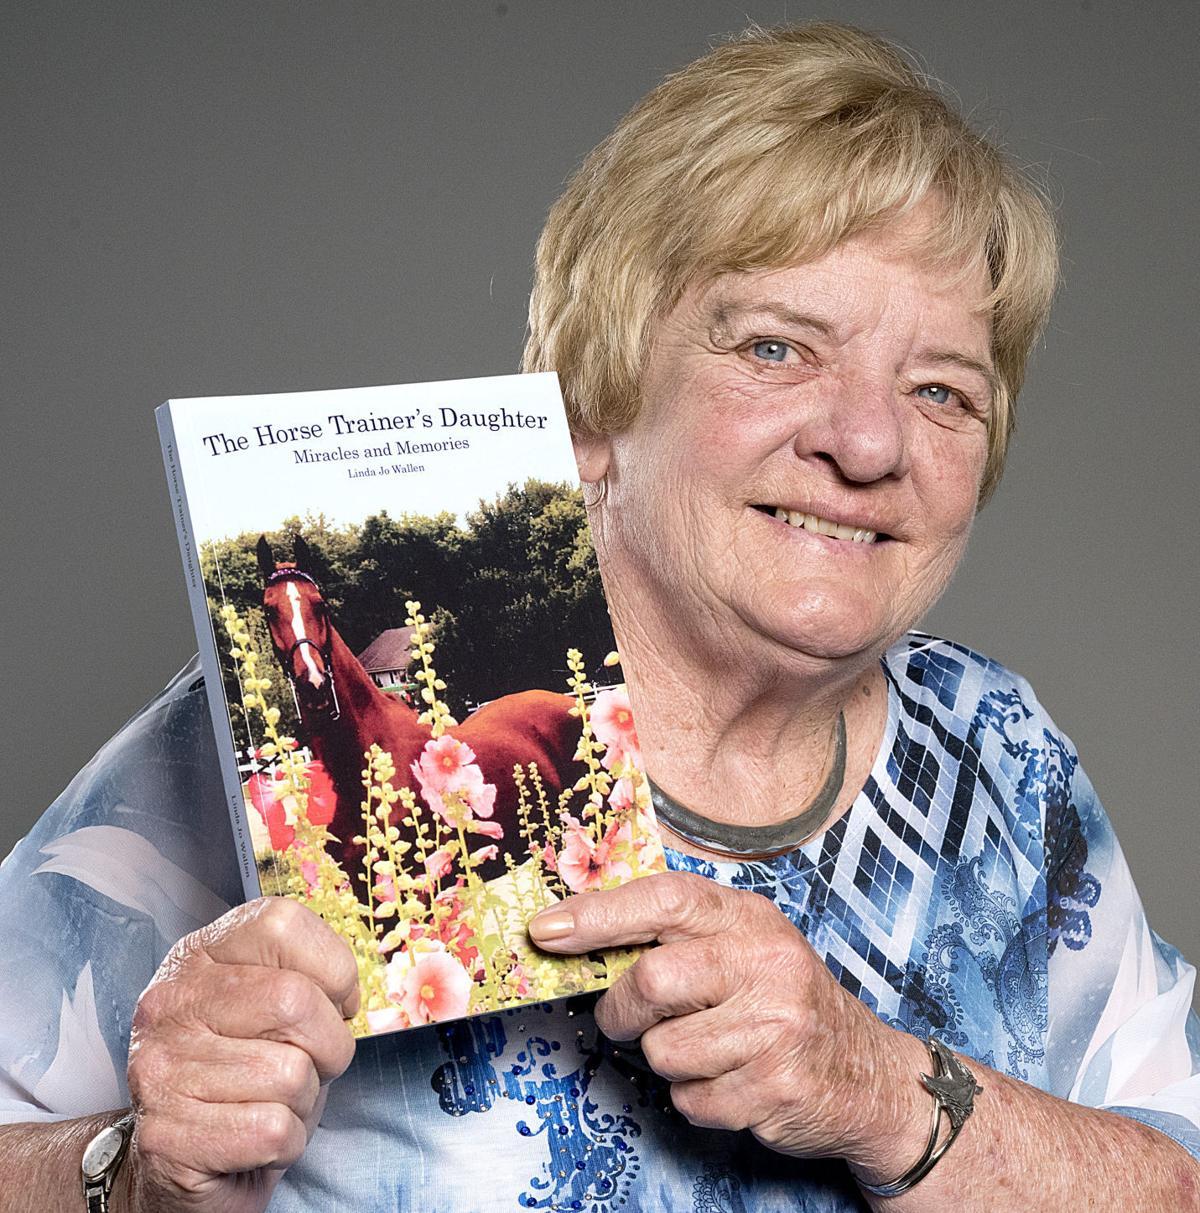 Author Linda Jo Wallen